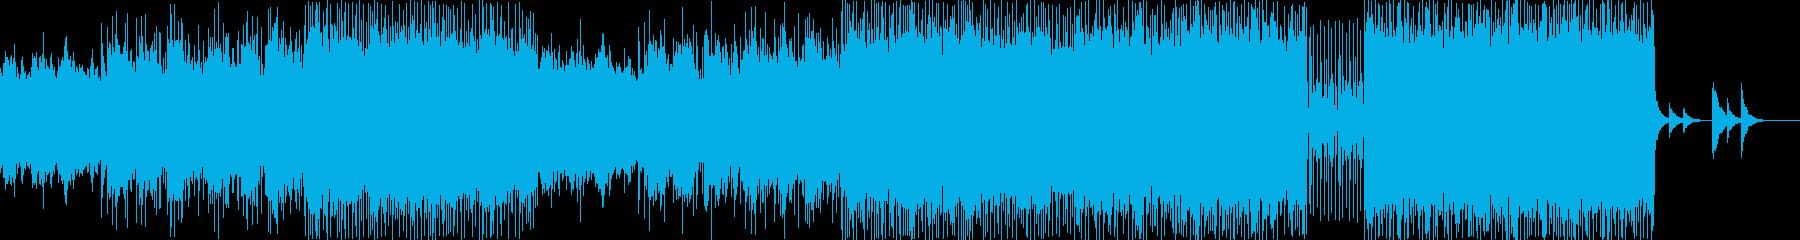 クラシックなメロディの現代的ハイテンポ曲の再生済みの波形